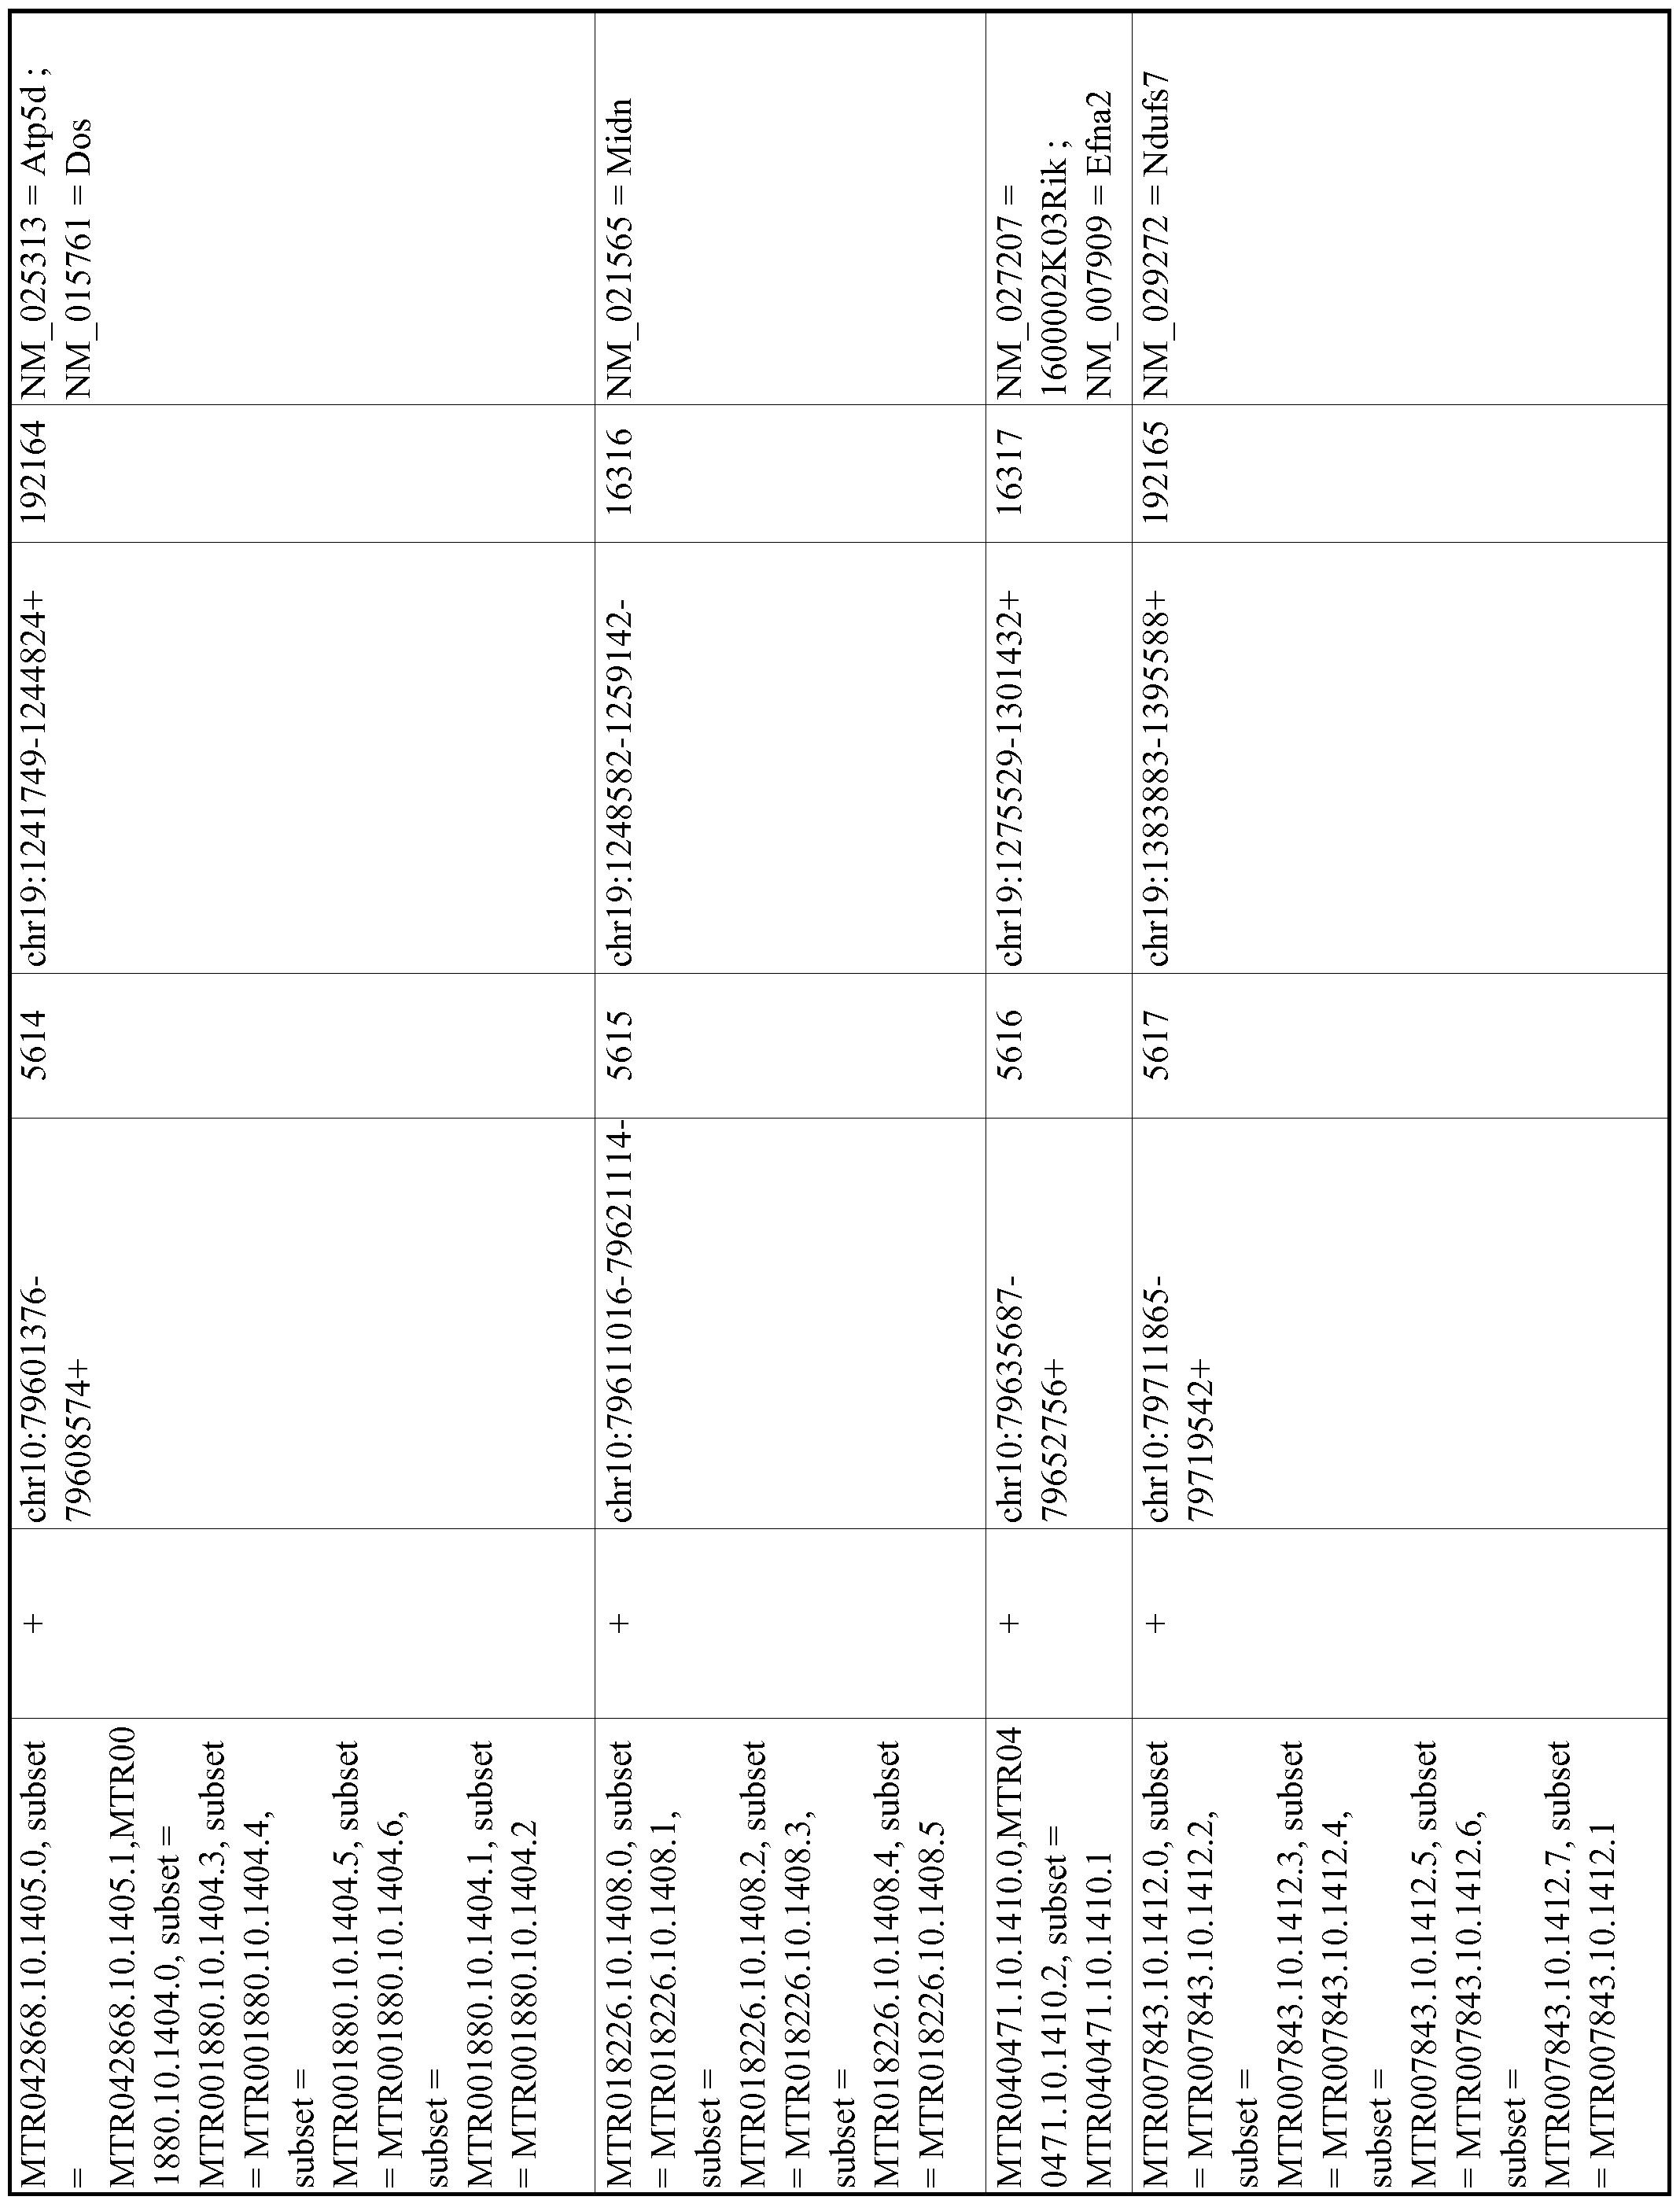 Figure imgf001013_0001